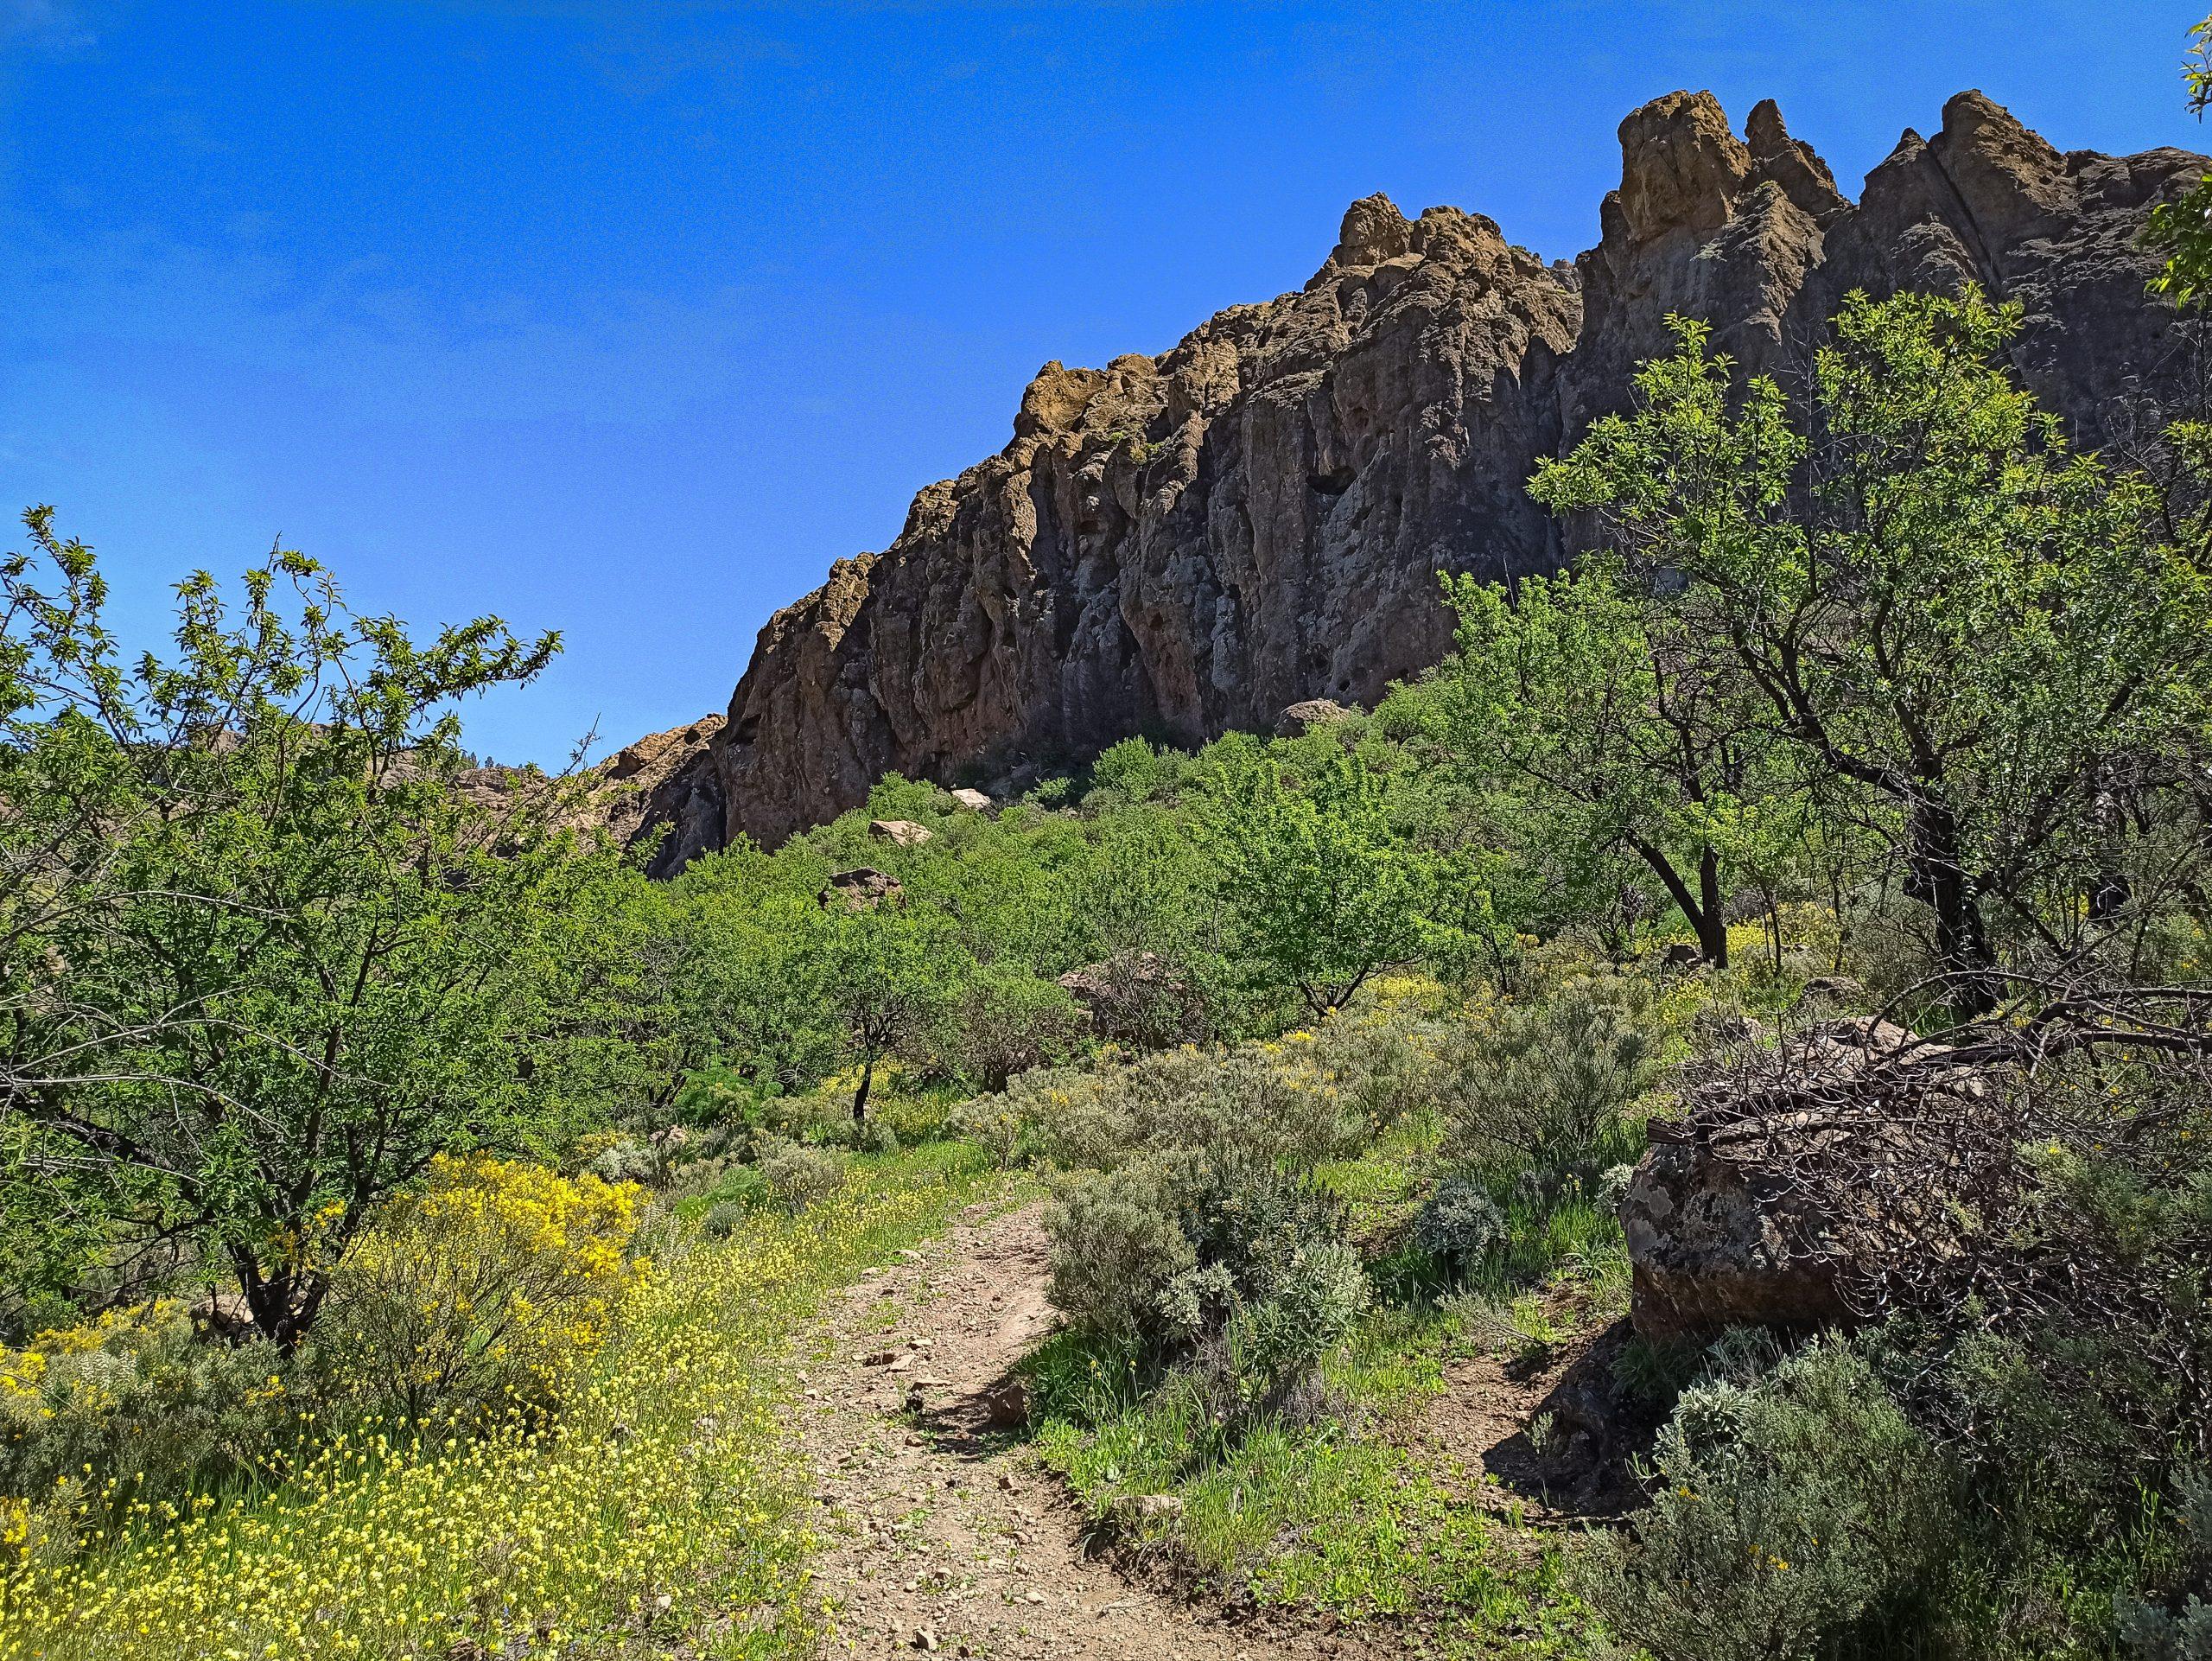 Klettern auf Gran Canaria - la Candelilla